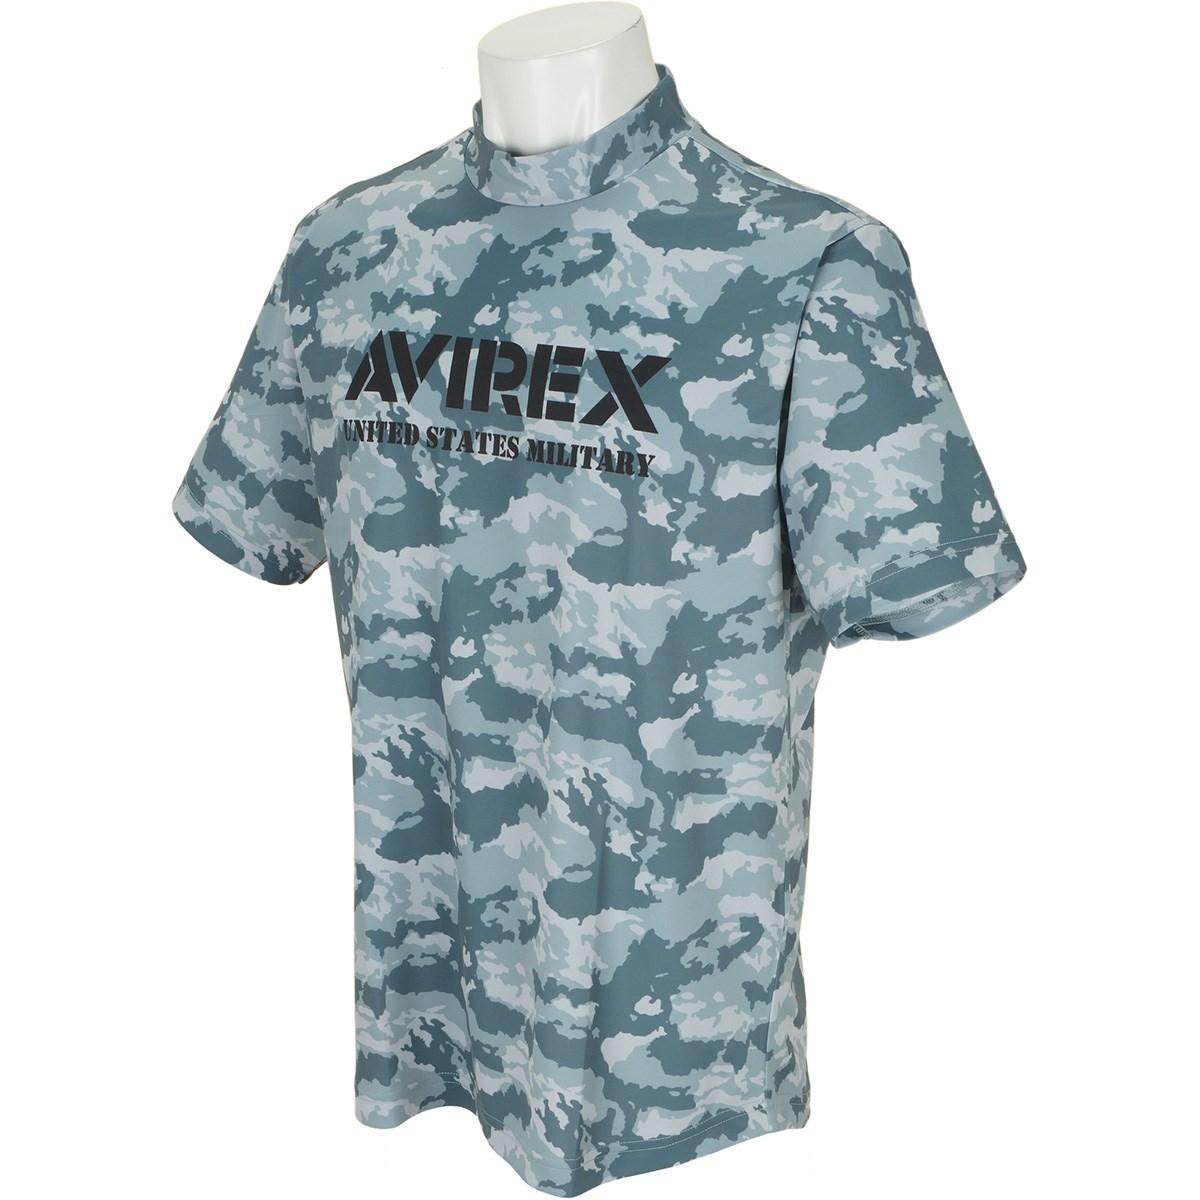 アビレックス ゴルフ AVIREX GOLF 半袖モックネックシャツ M グレーカモ